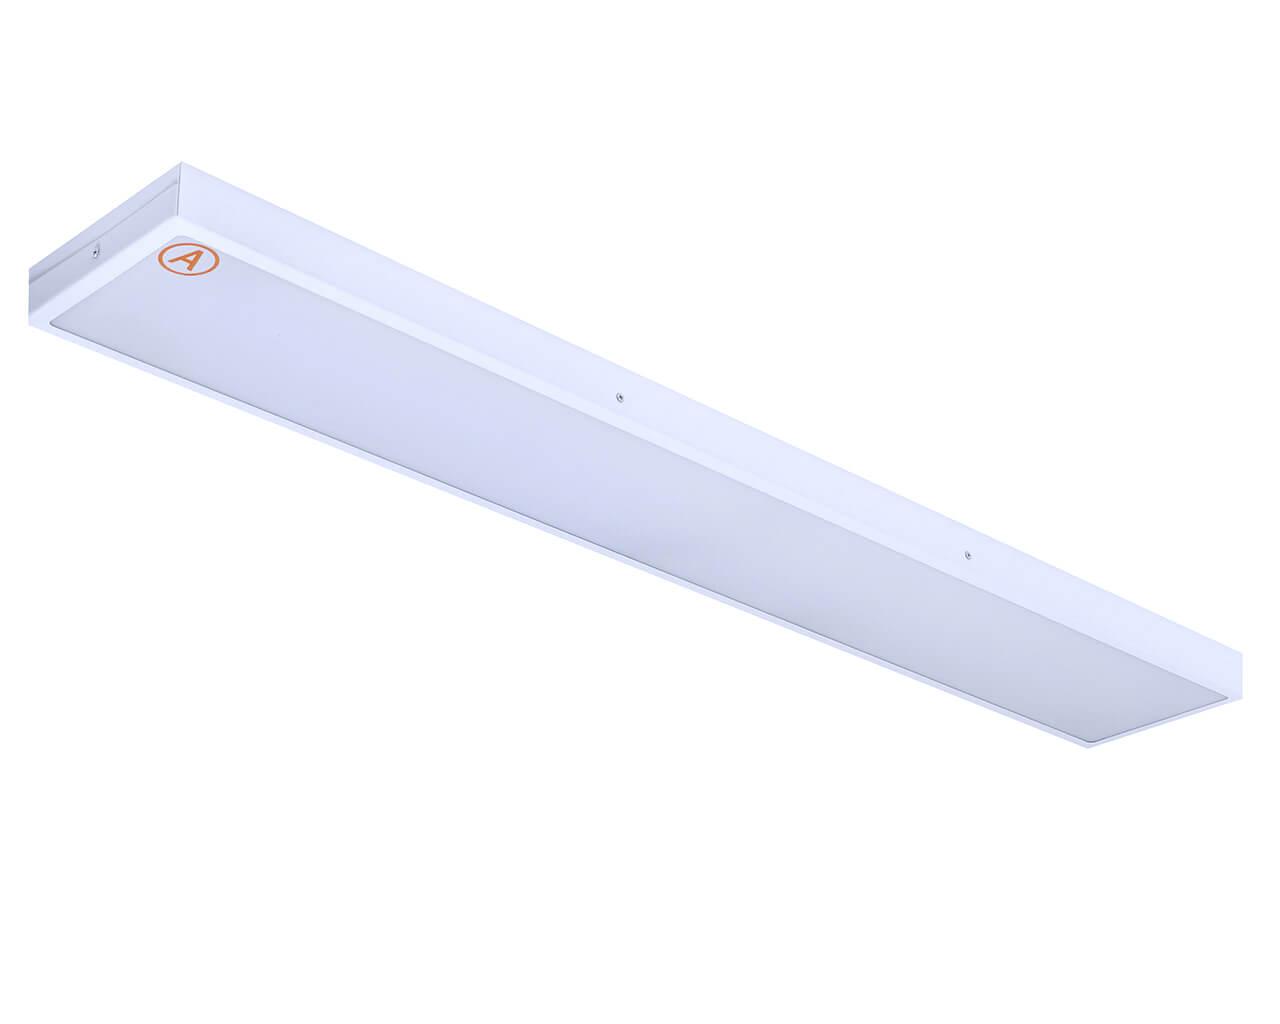 Накладной светильник LC-NS-SIP-40-OP 1195x180 IP65 Теплый белый Опал с Бап 3 часа